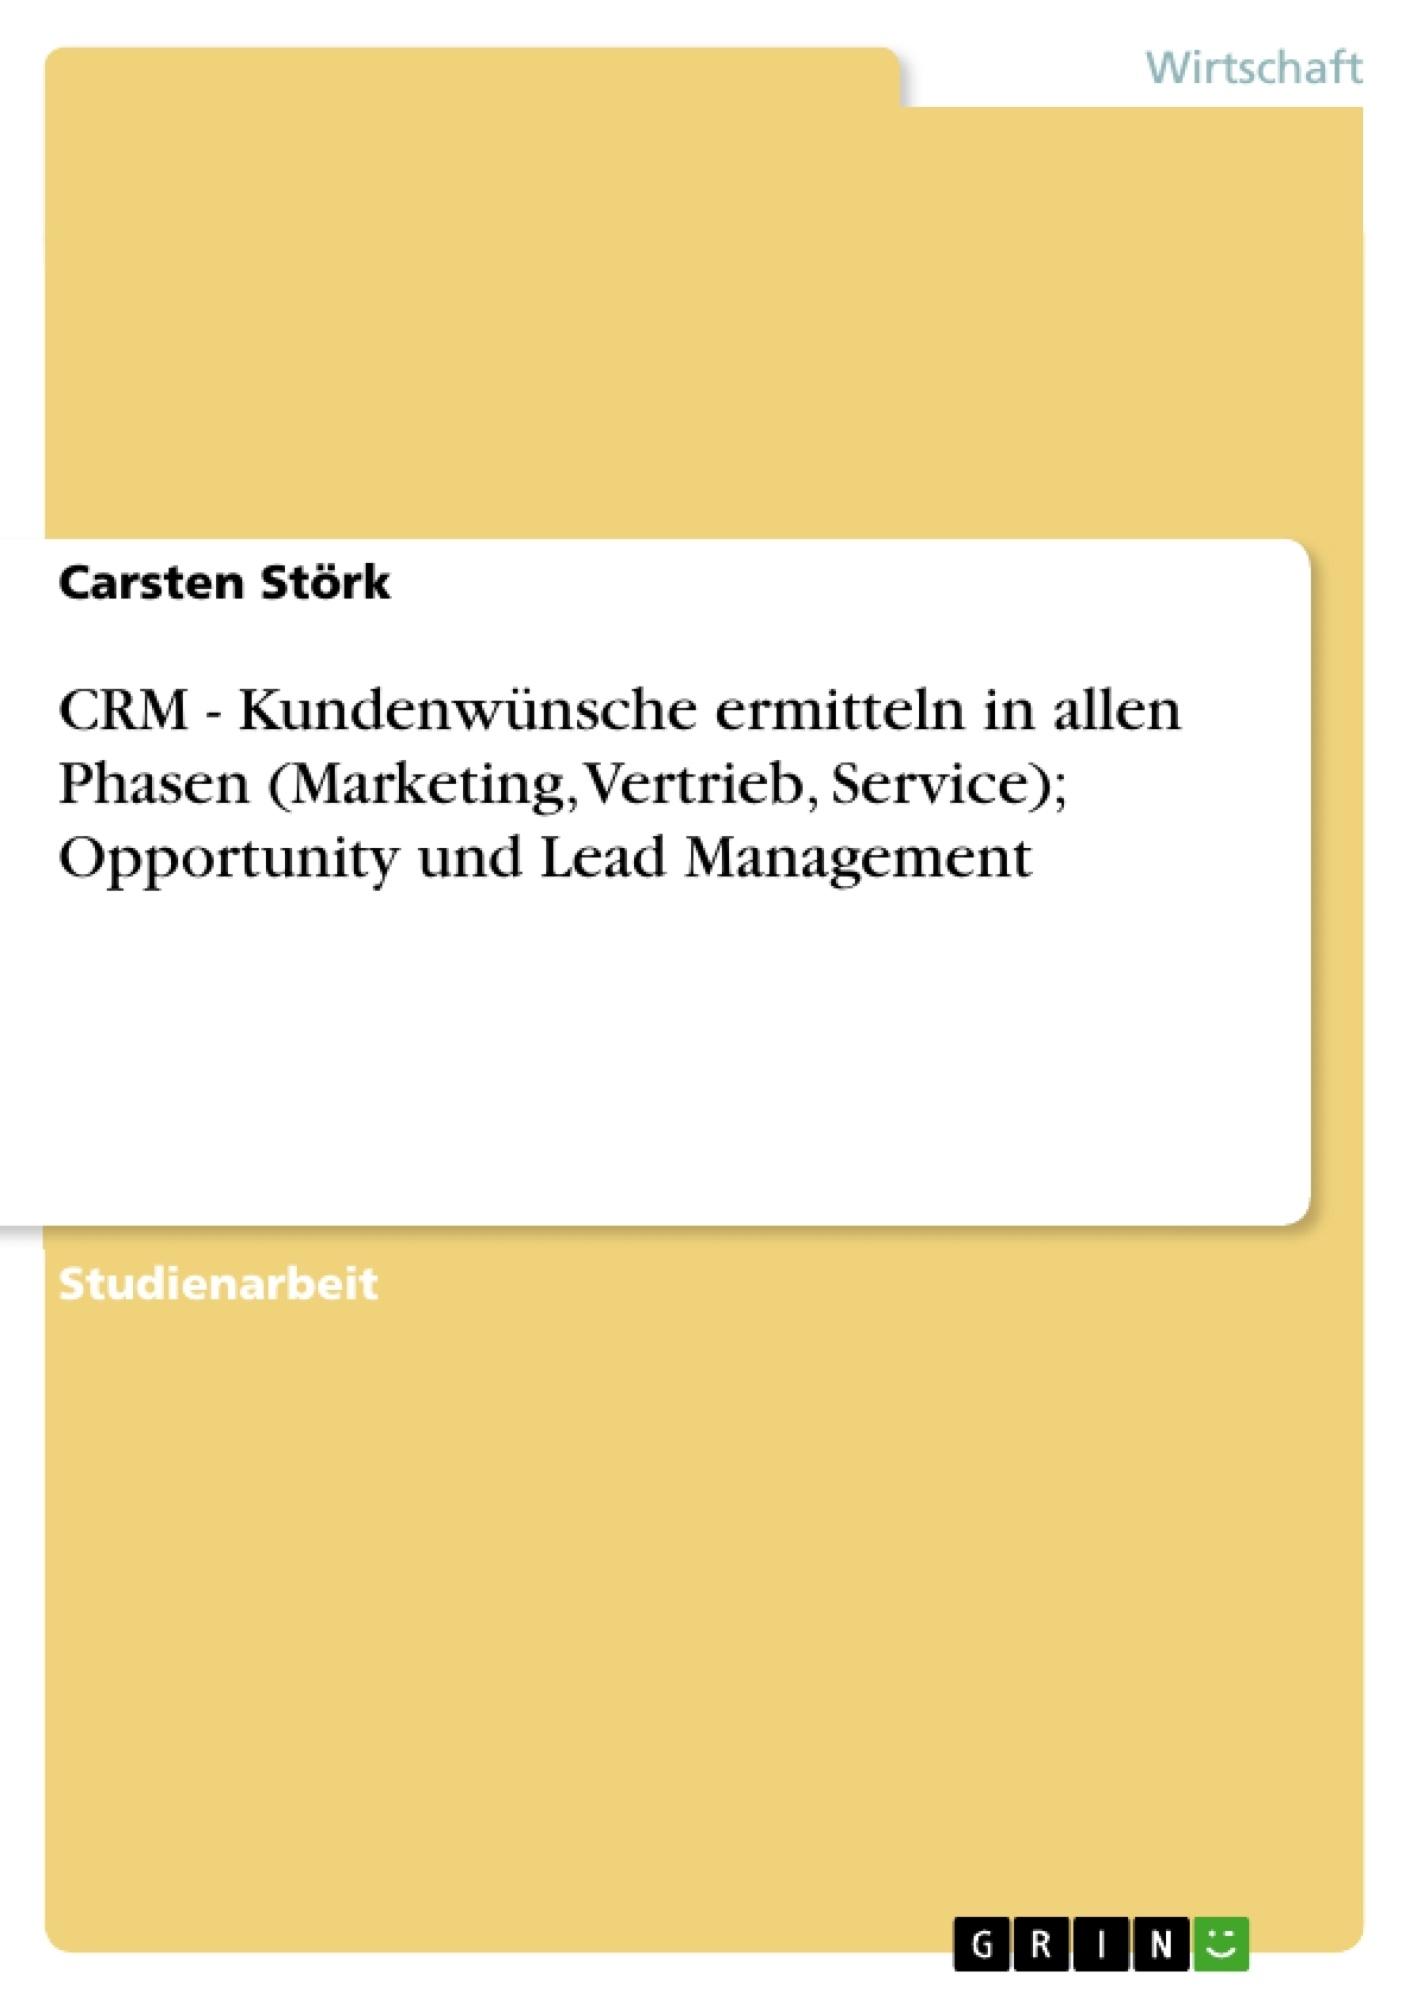 Titel: CRM - Kundenwünsche ermitteln in allen Phasen (Marketing, Vertrieb, Service); Opportunity und Lead Management